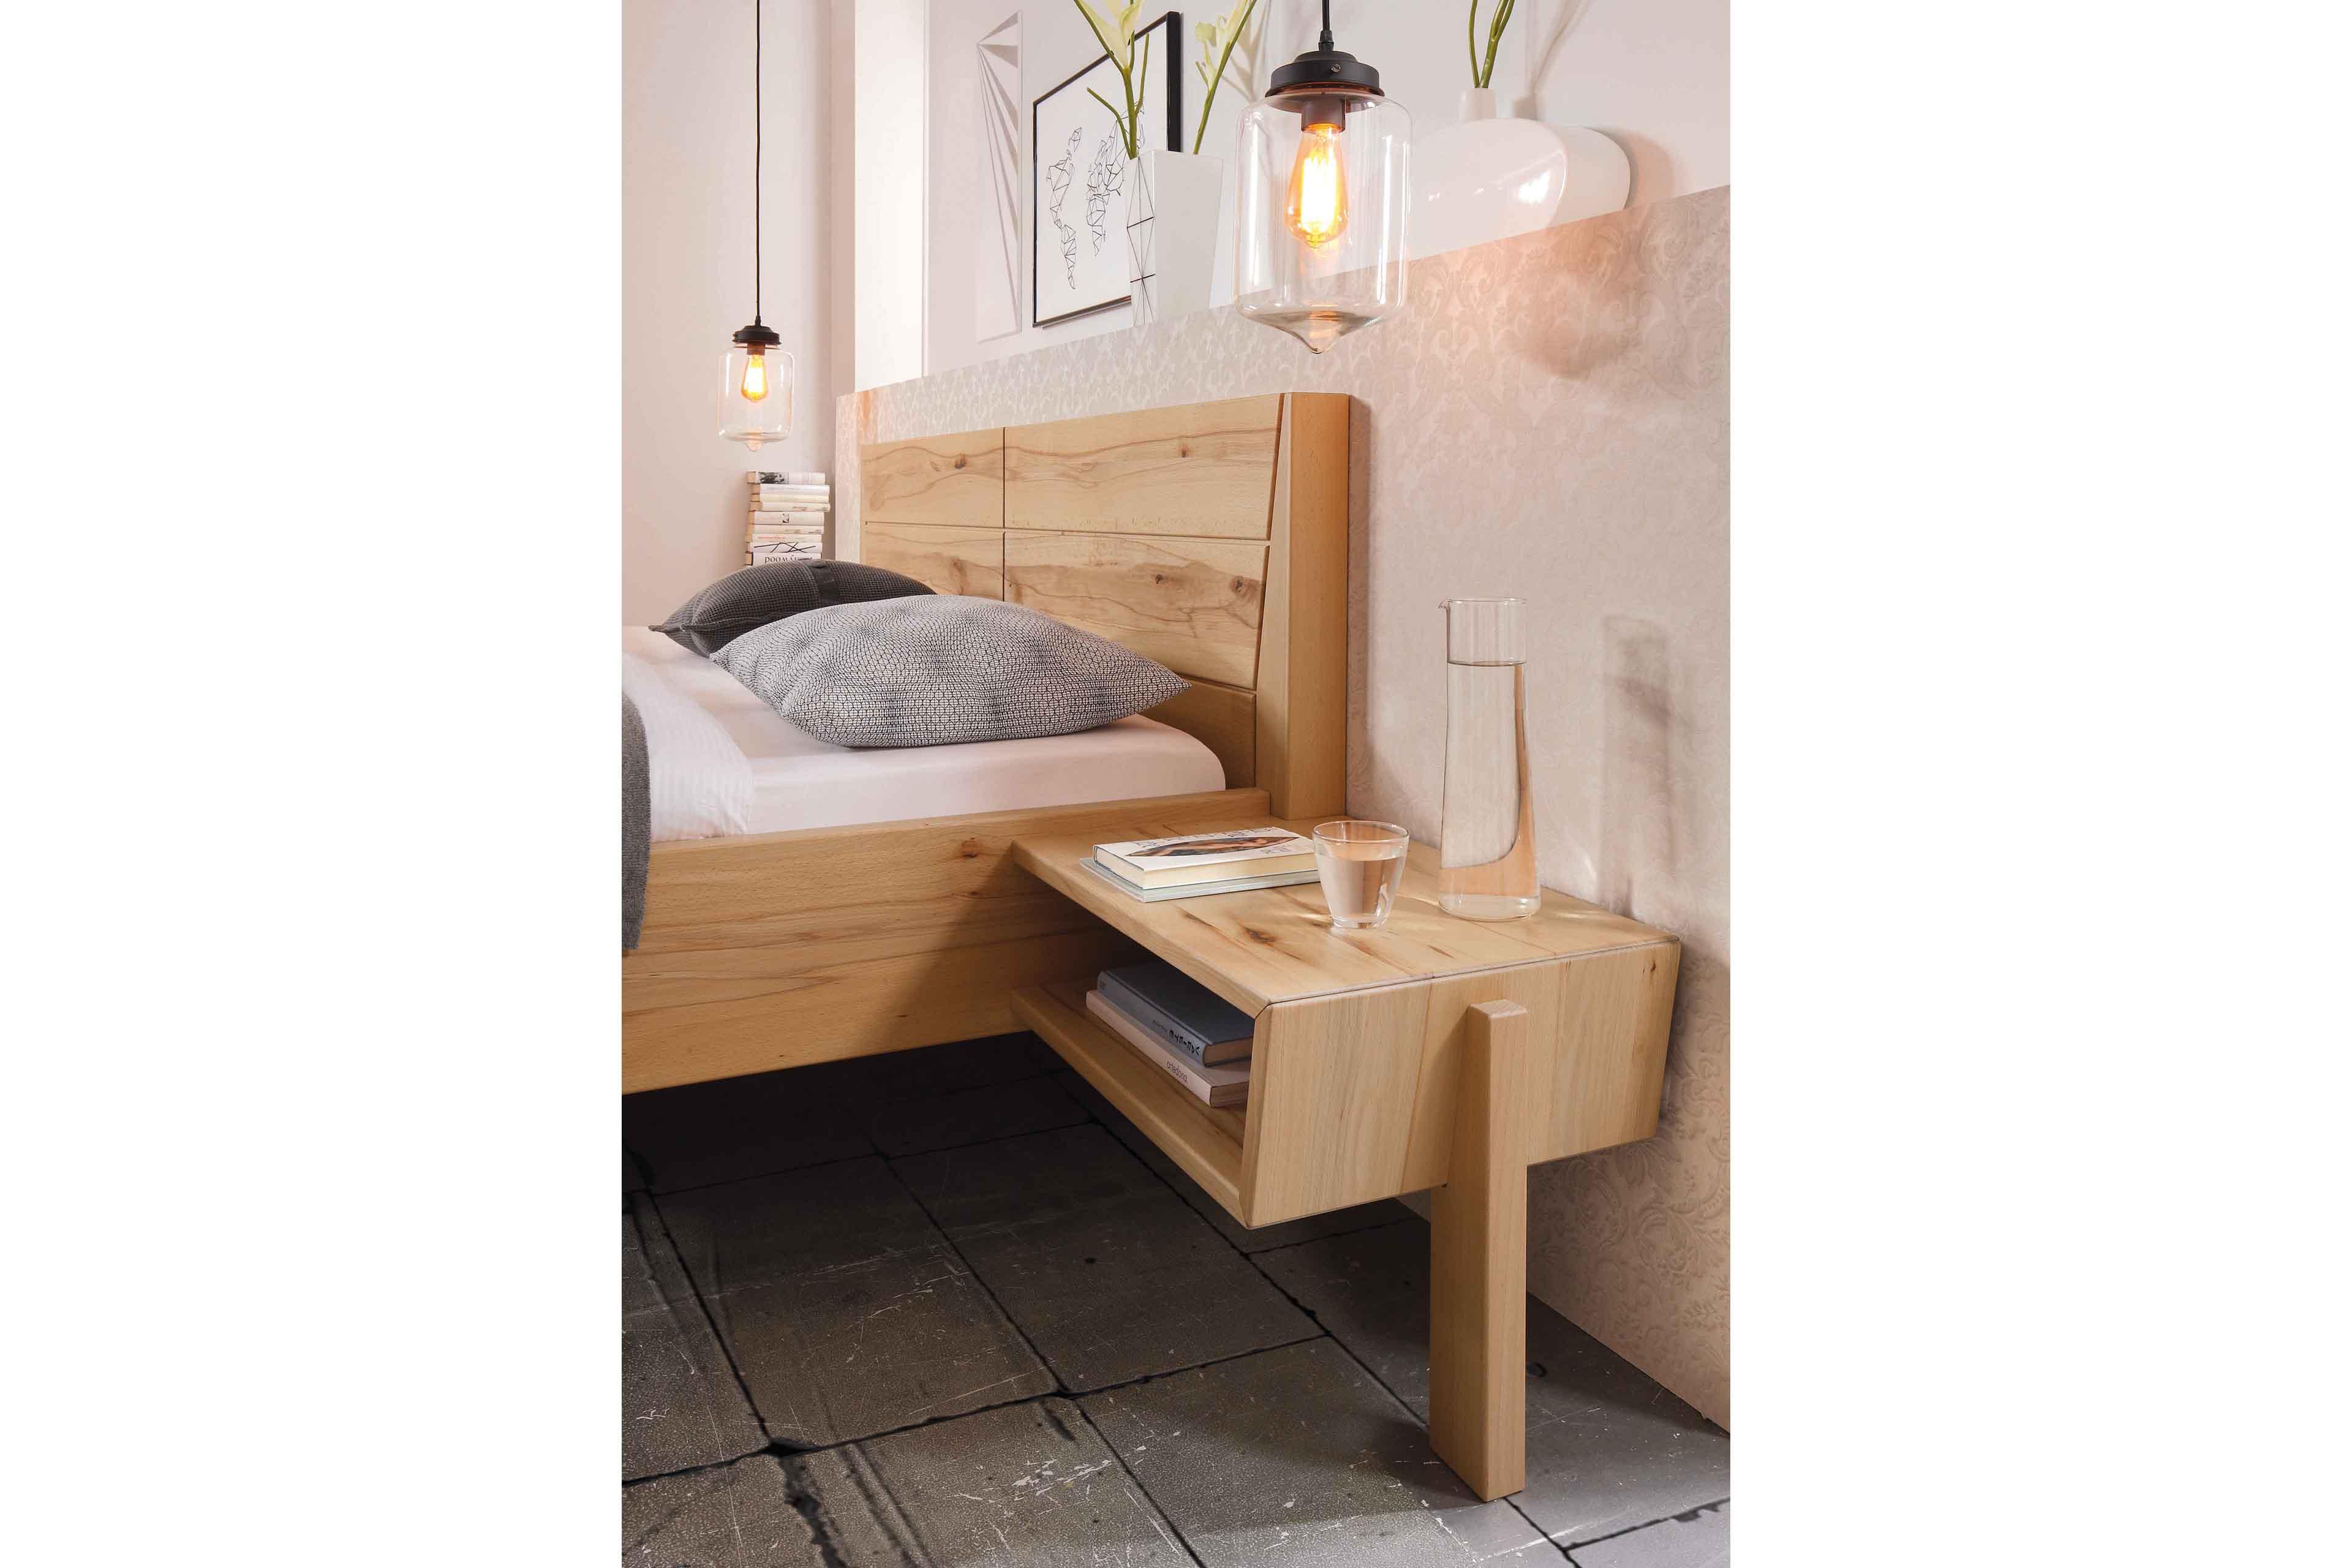 thielemeyer pura schlafzimmer naturbuche m bel letz ihr online shop. Black Bedroom Furniture Sets. Home Design Ideas